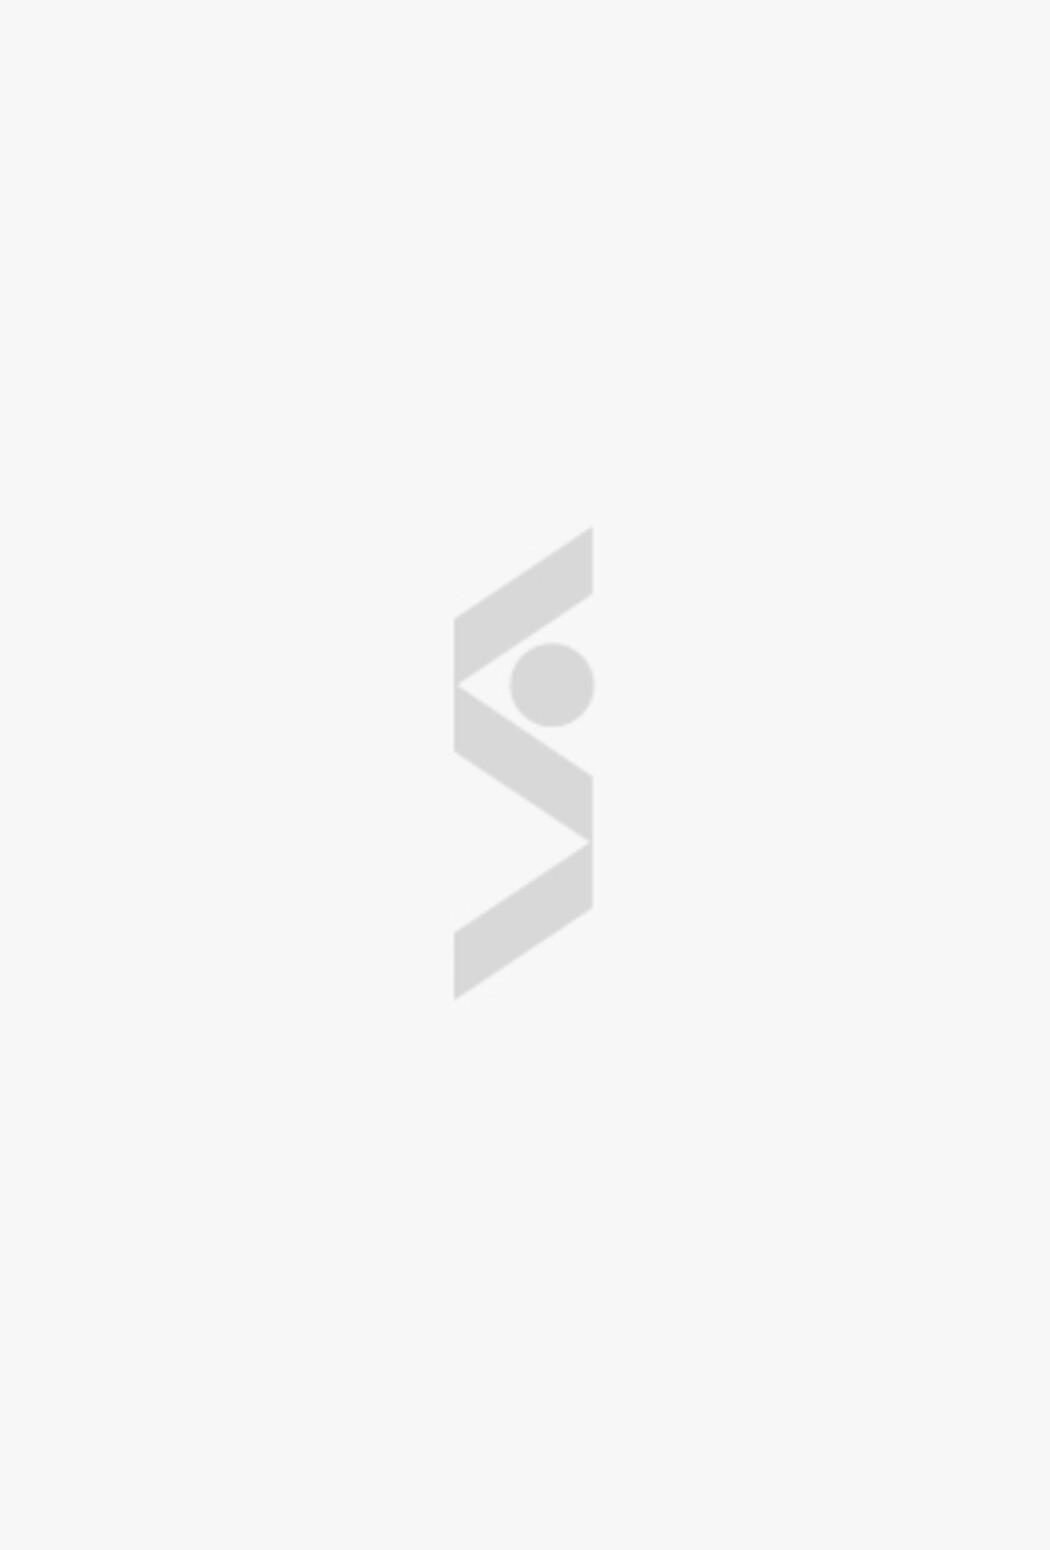 Кожаные высокие сапоги Ever be - цена 10990 ₽ купить в интернет-магазине СТОКМАНН в Москве